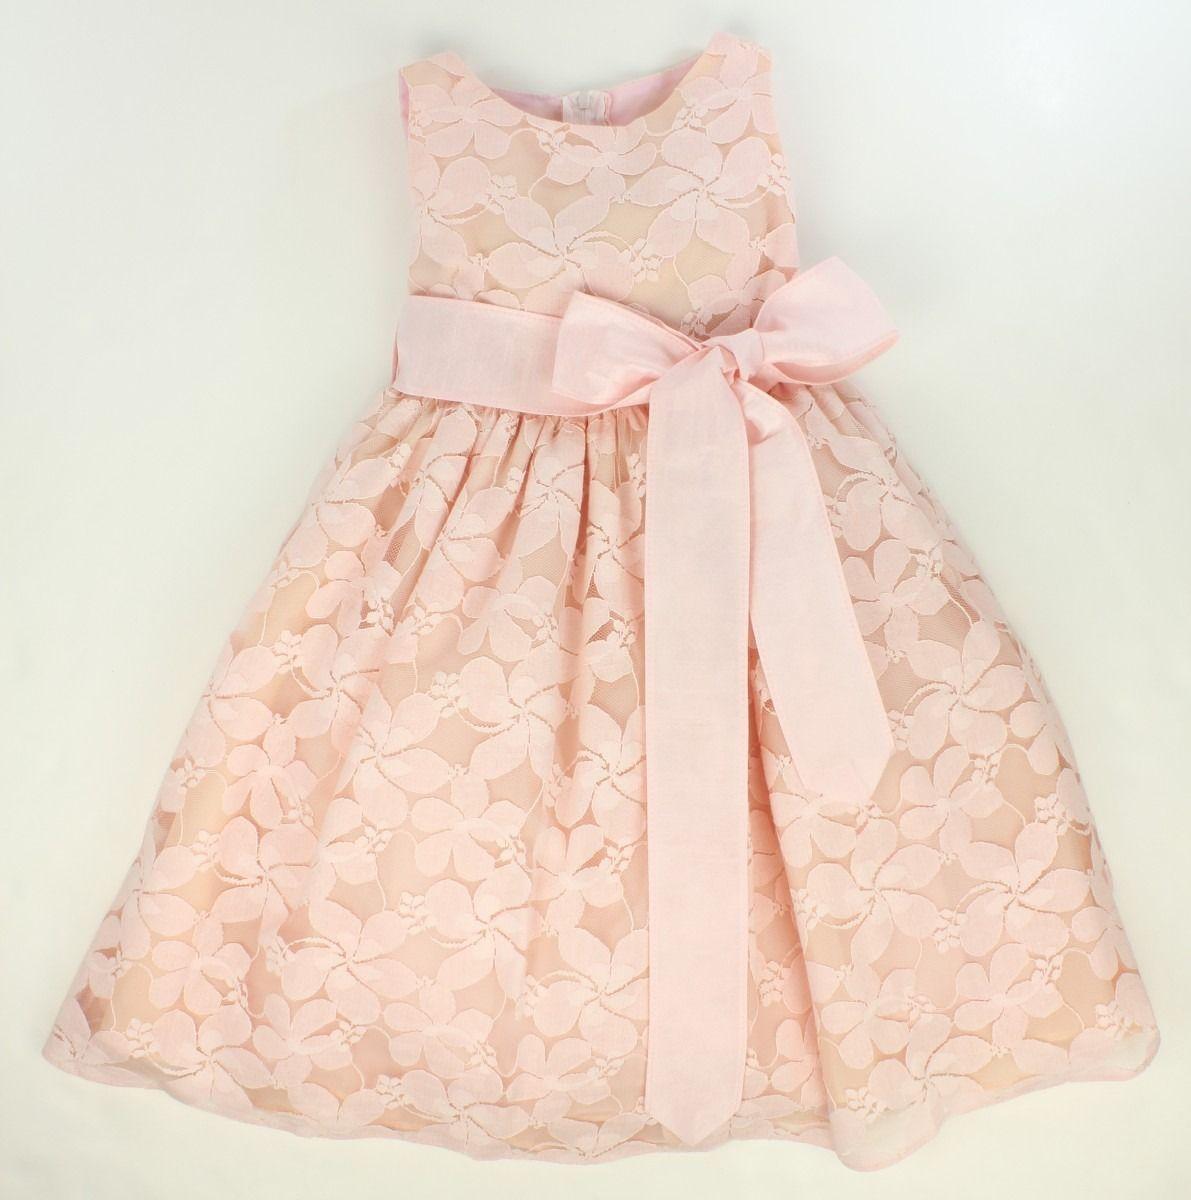 vestidos con encaje - Buscar con Google  b6086a25831